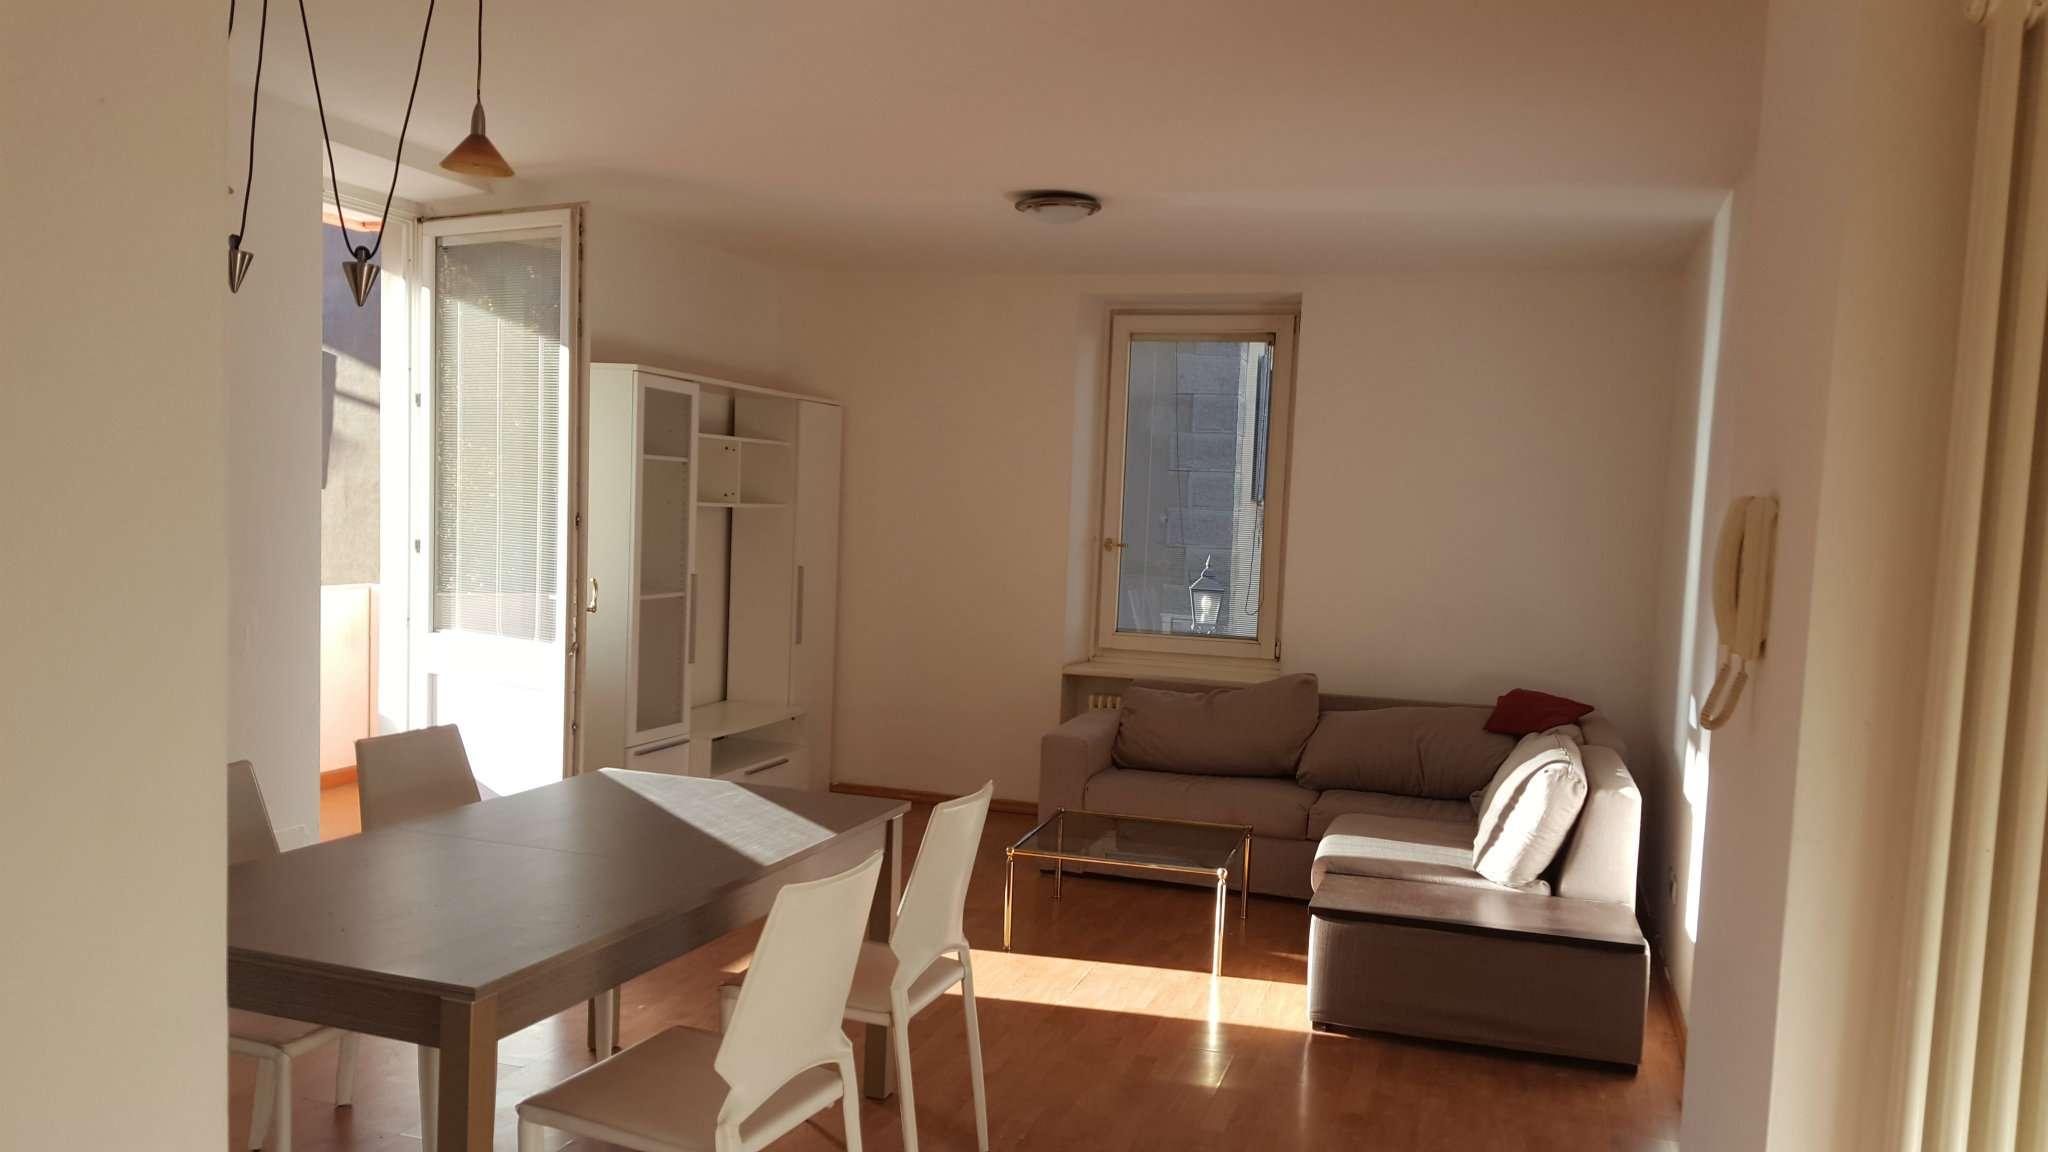 Appartamento in affitto a Cles, 4 locali, prezzo € 550 | Cambio Casa.it